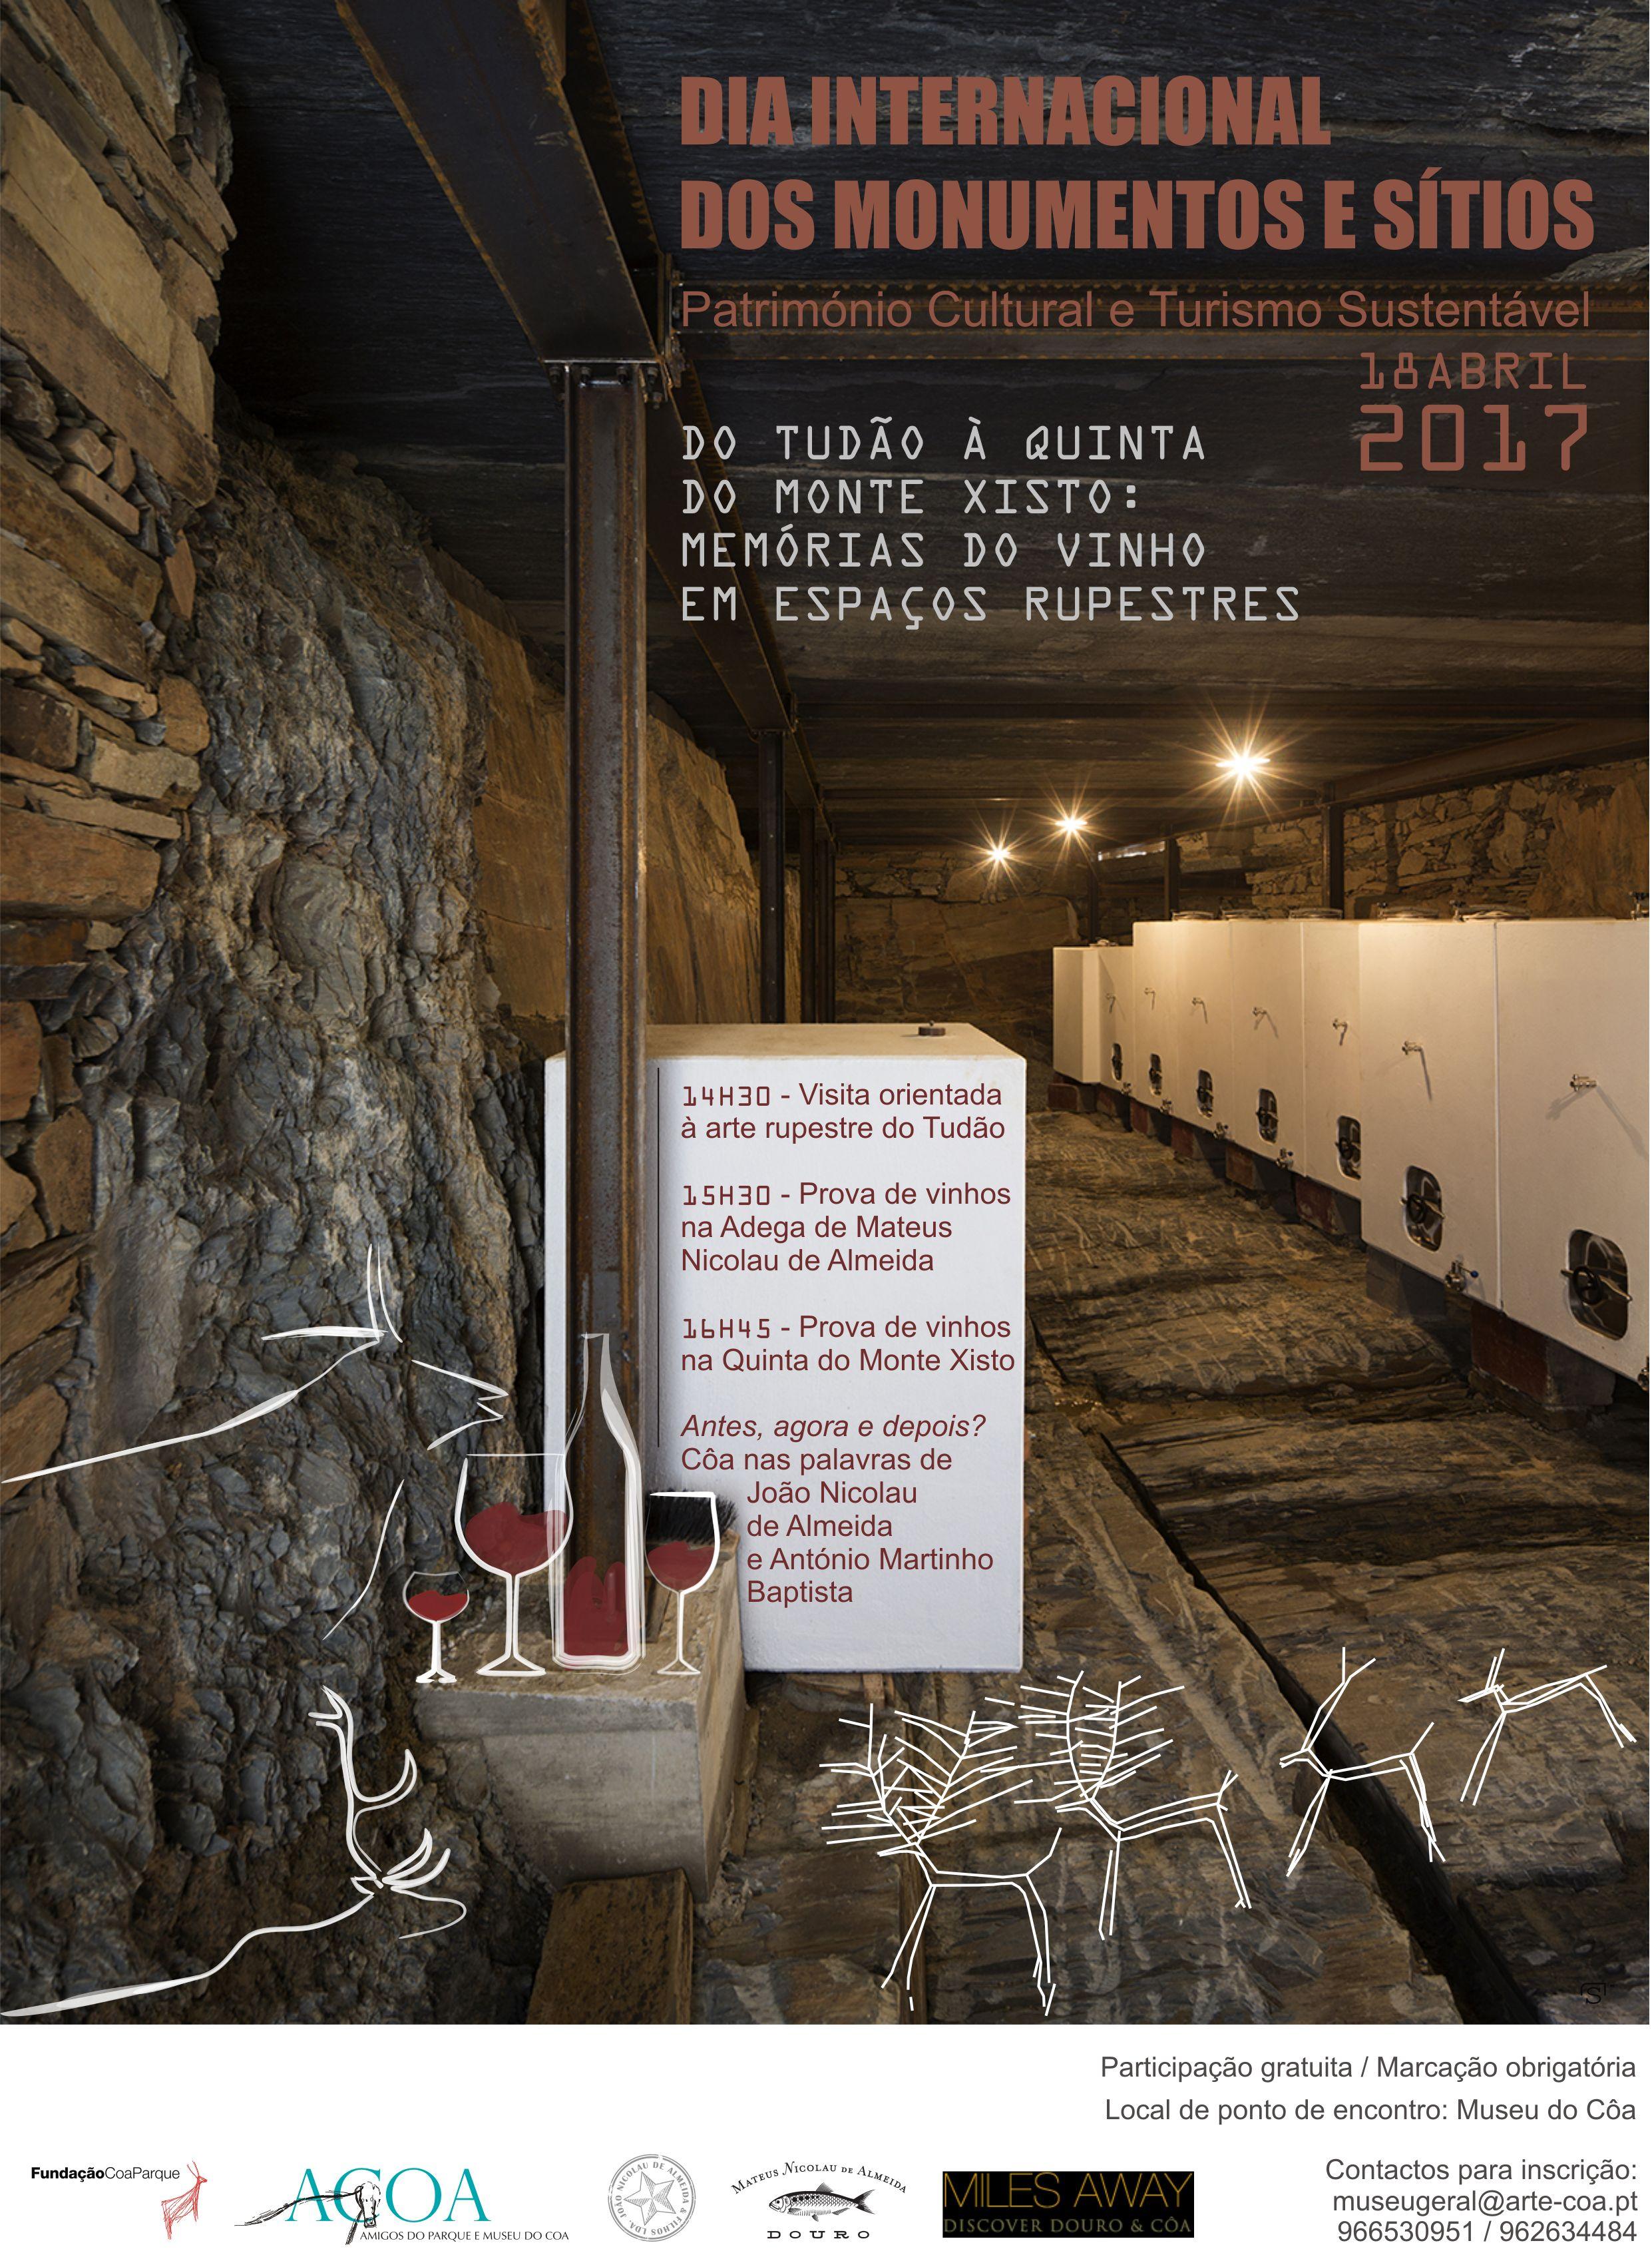 Do Tudão à Quinta do Monte Xisto: memórias do vinho em espaços rupestres